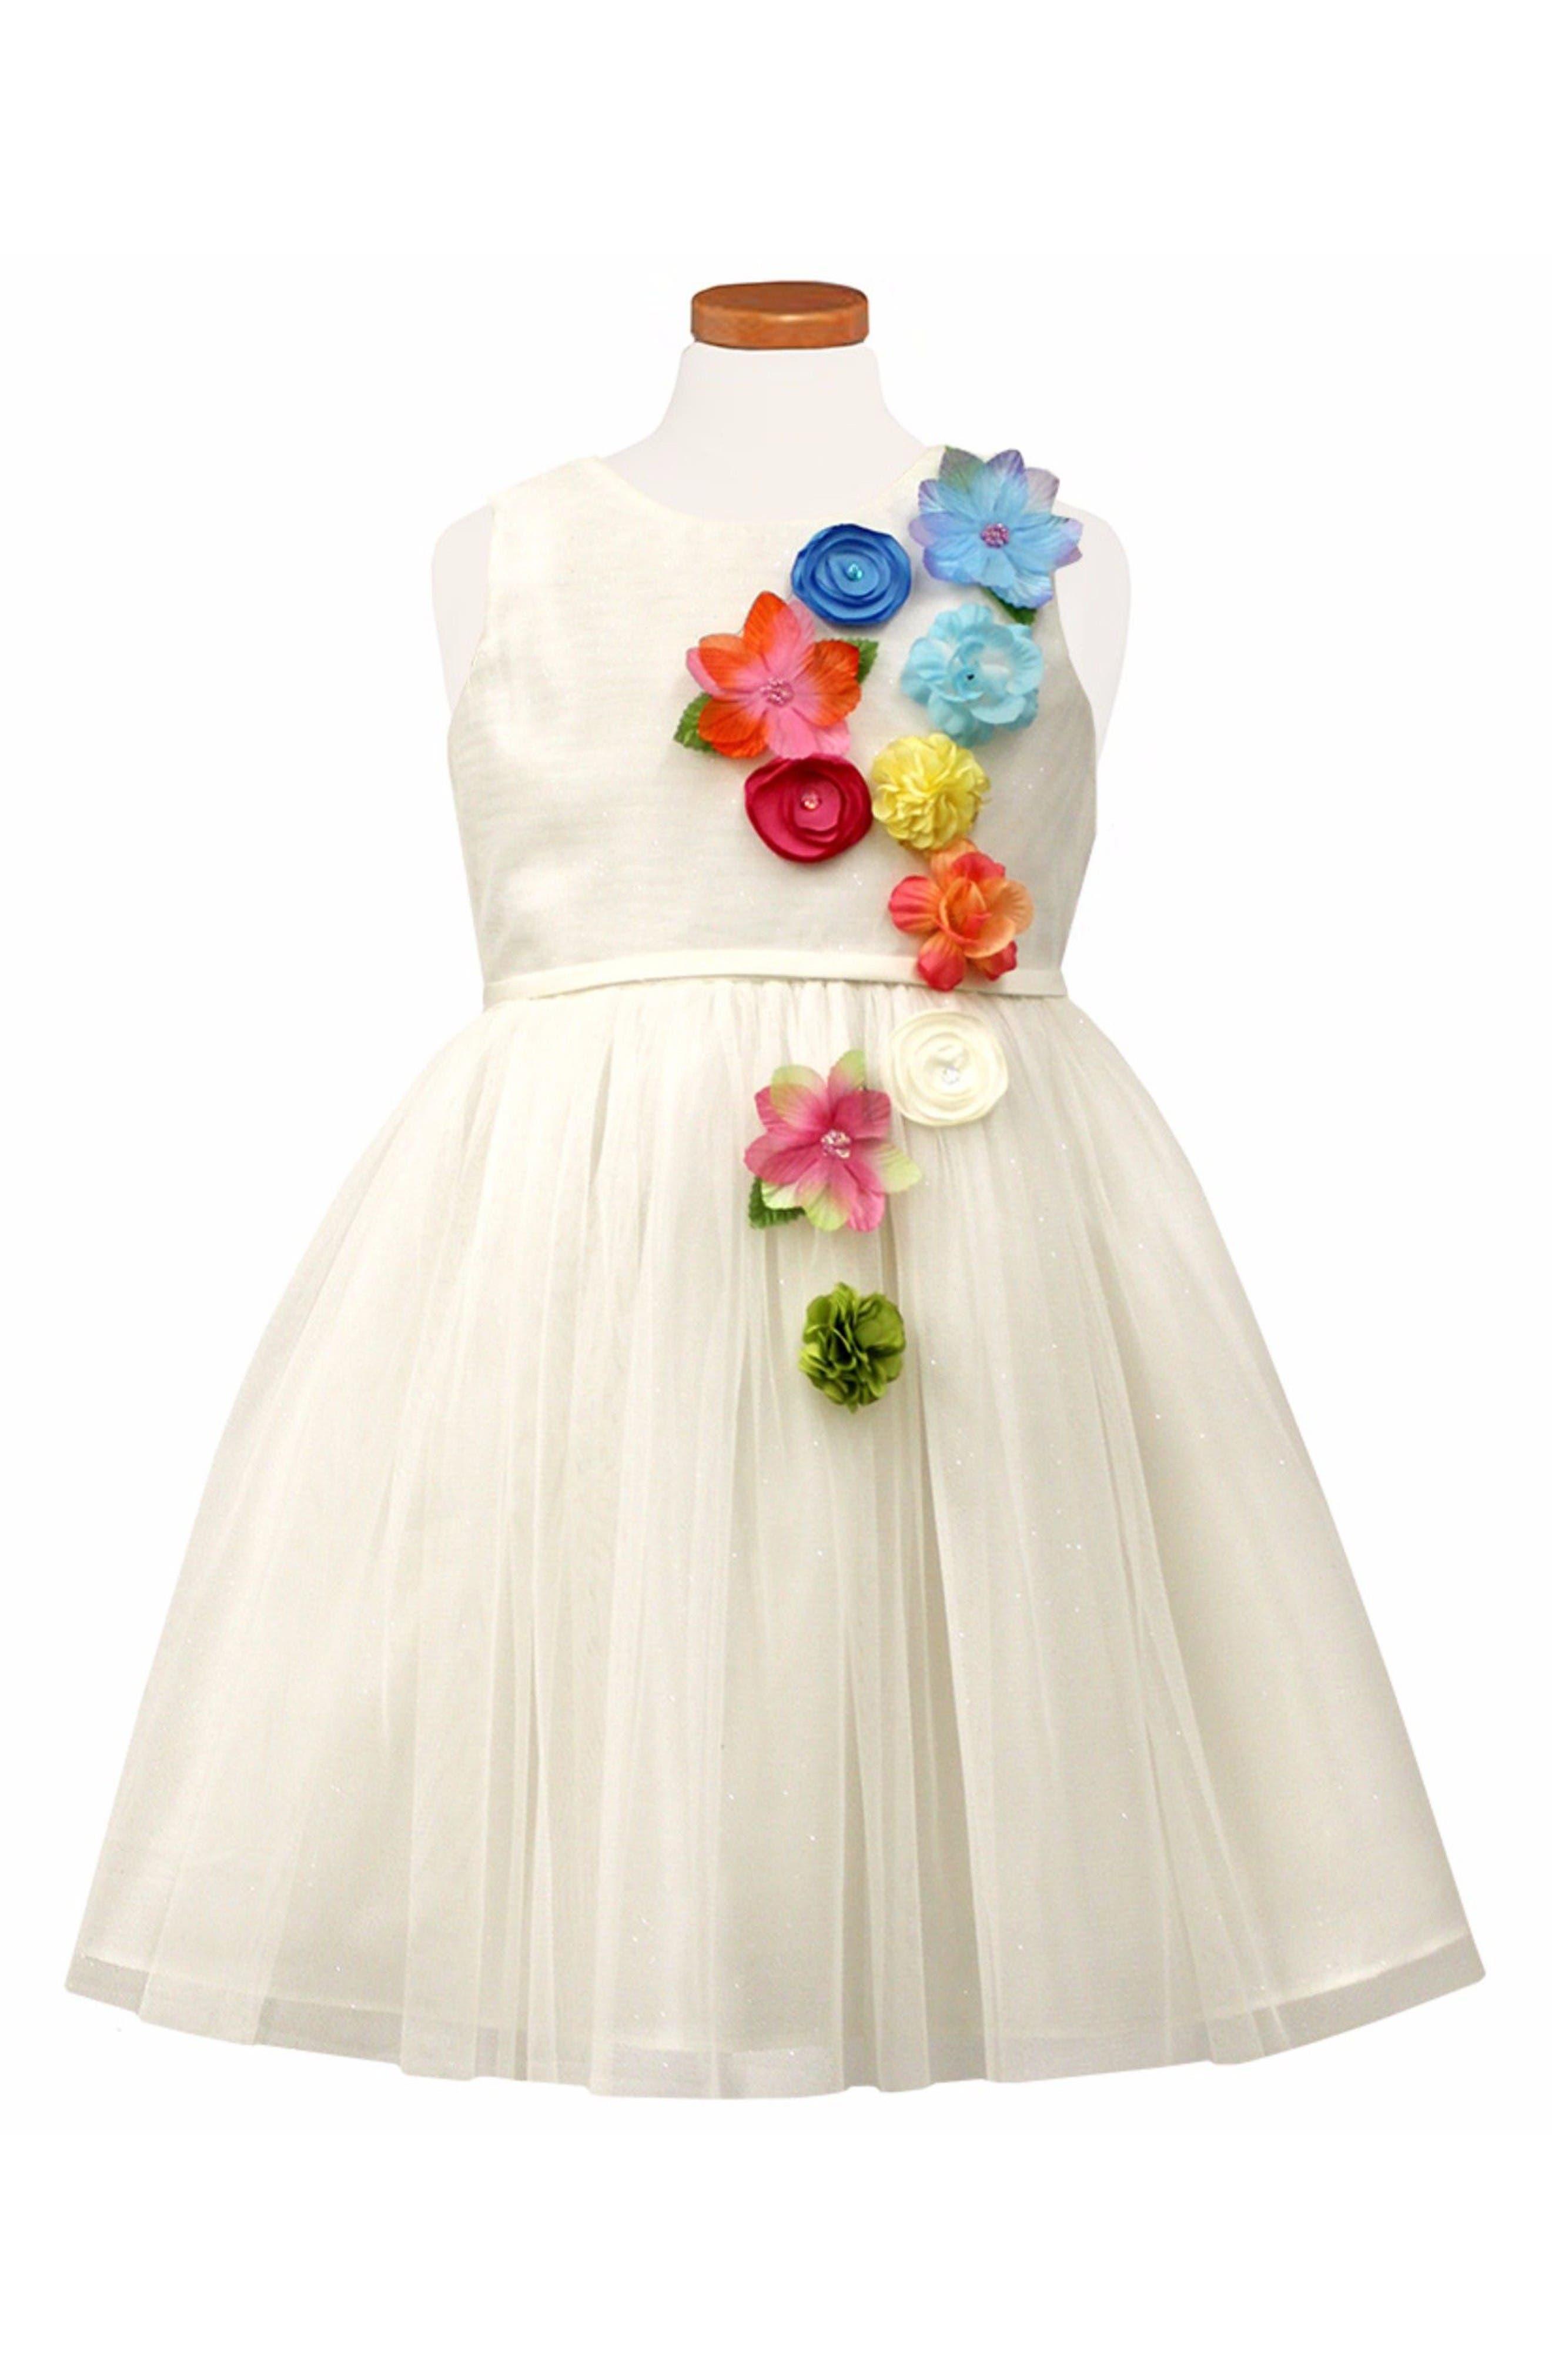 Flower Appliqué Tulle Party Dress,                             Main thumbnail 1, color,                             White